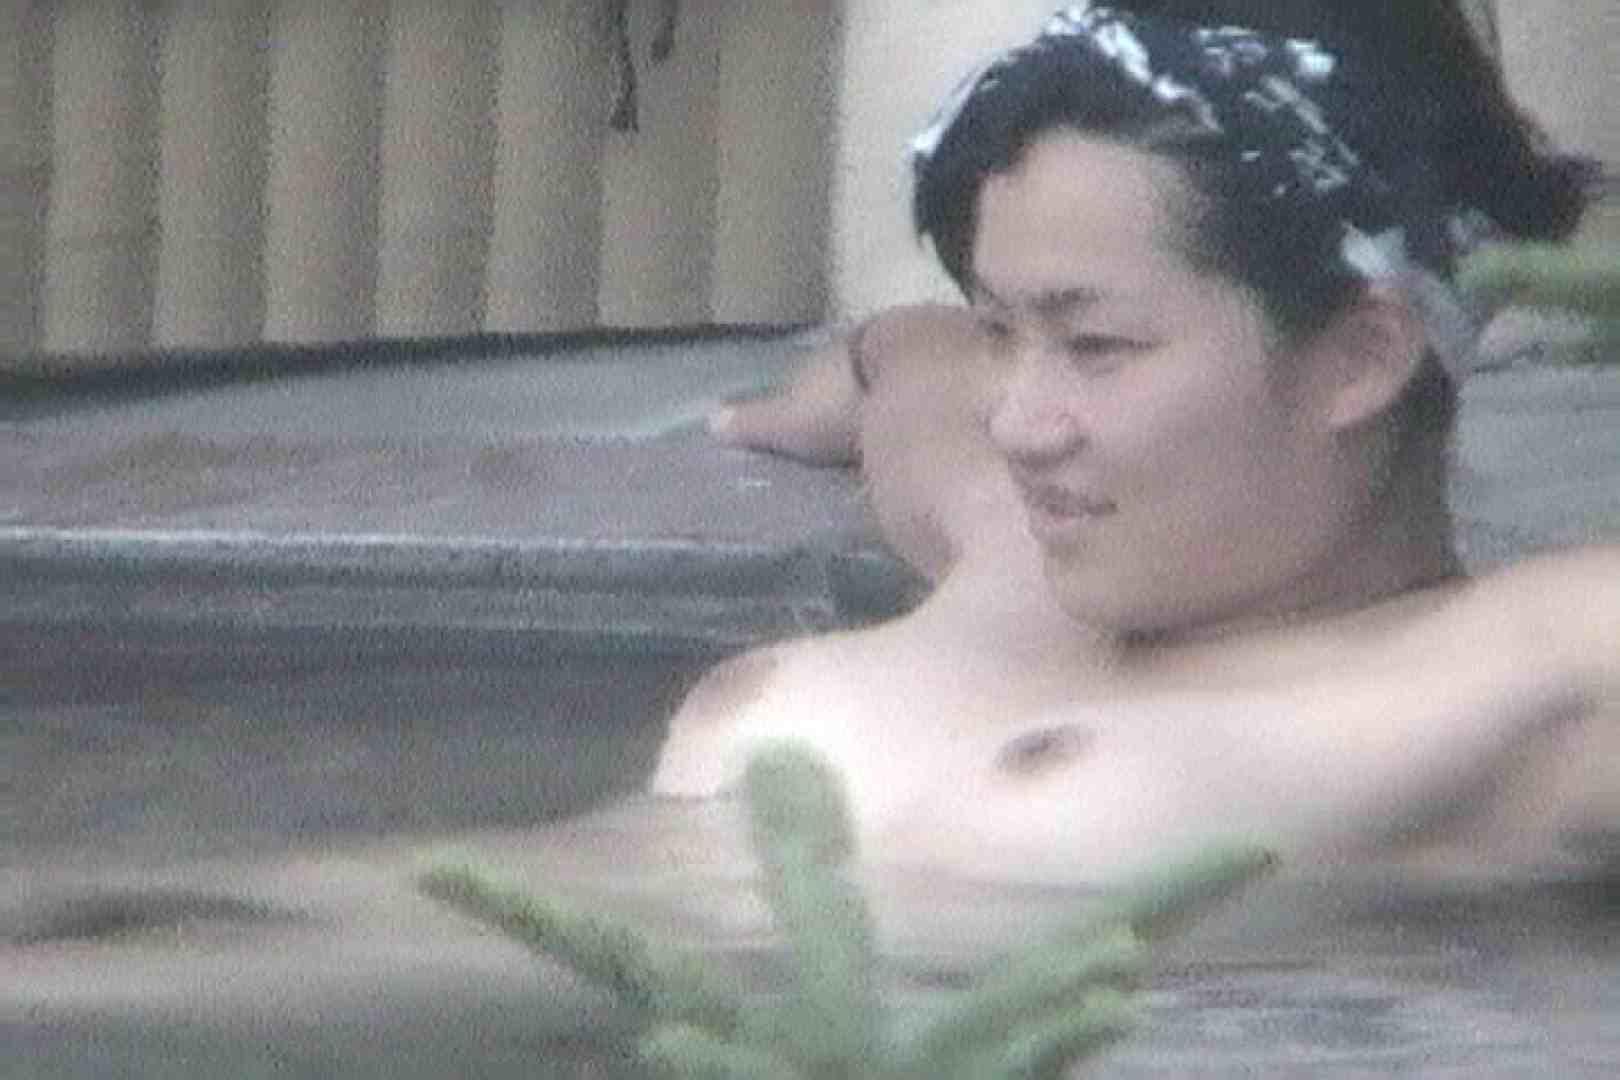 Aquaな露天風呂Vol.103 盗撮大放出 のぞき動画キャプチャ 71連発 68